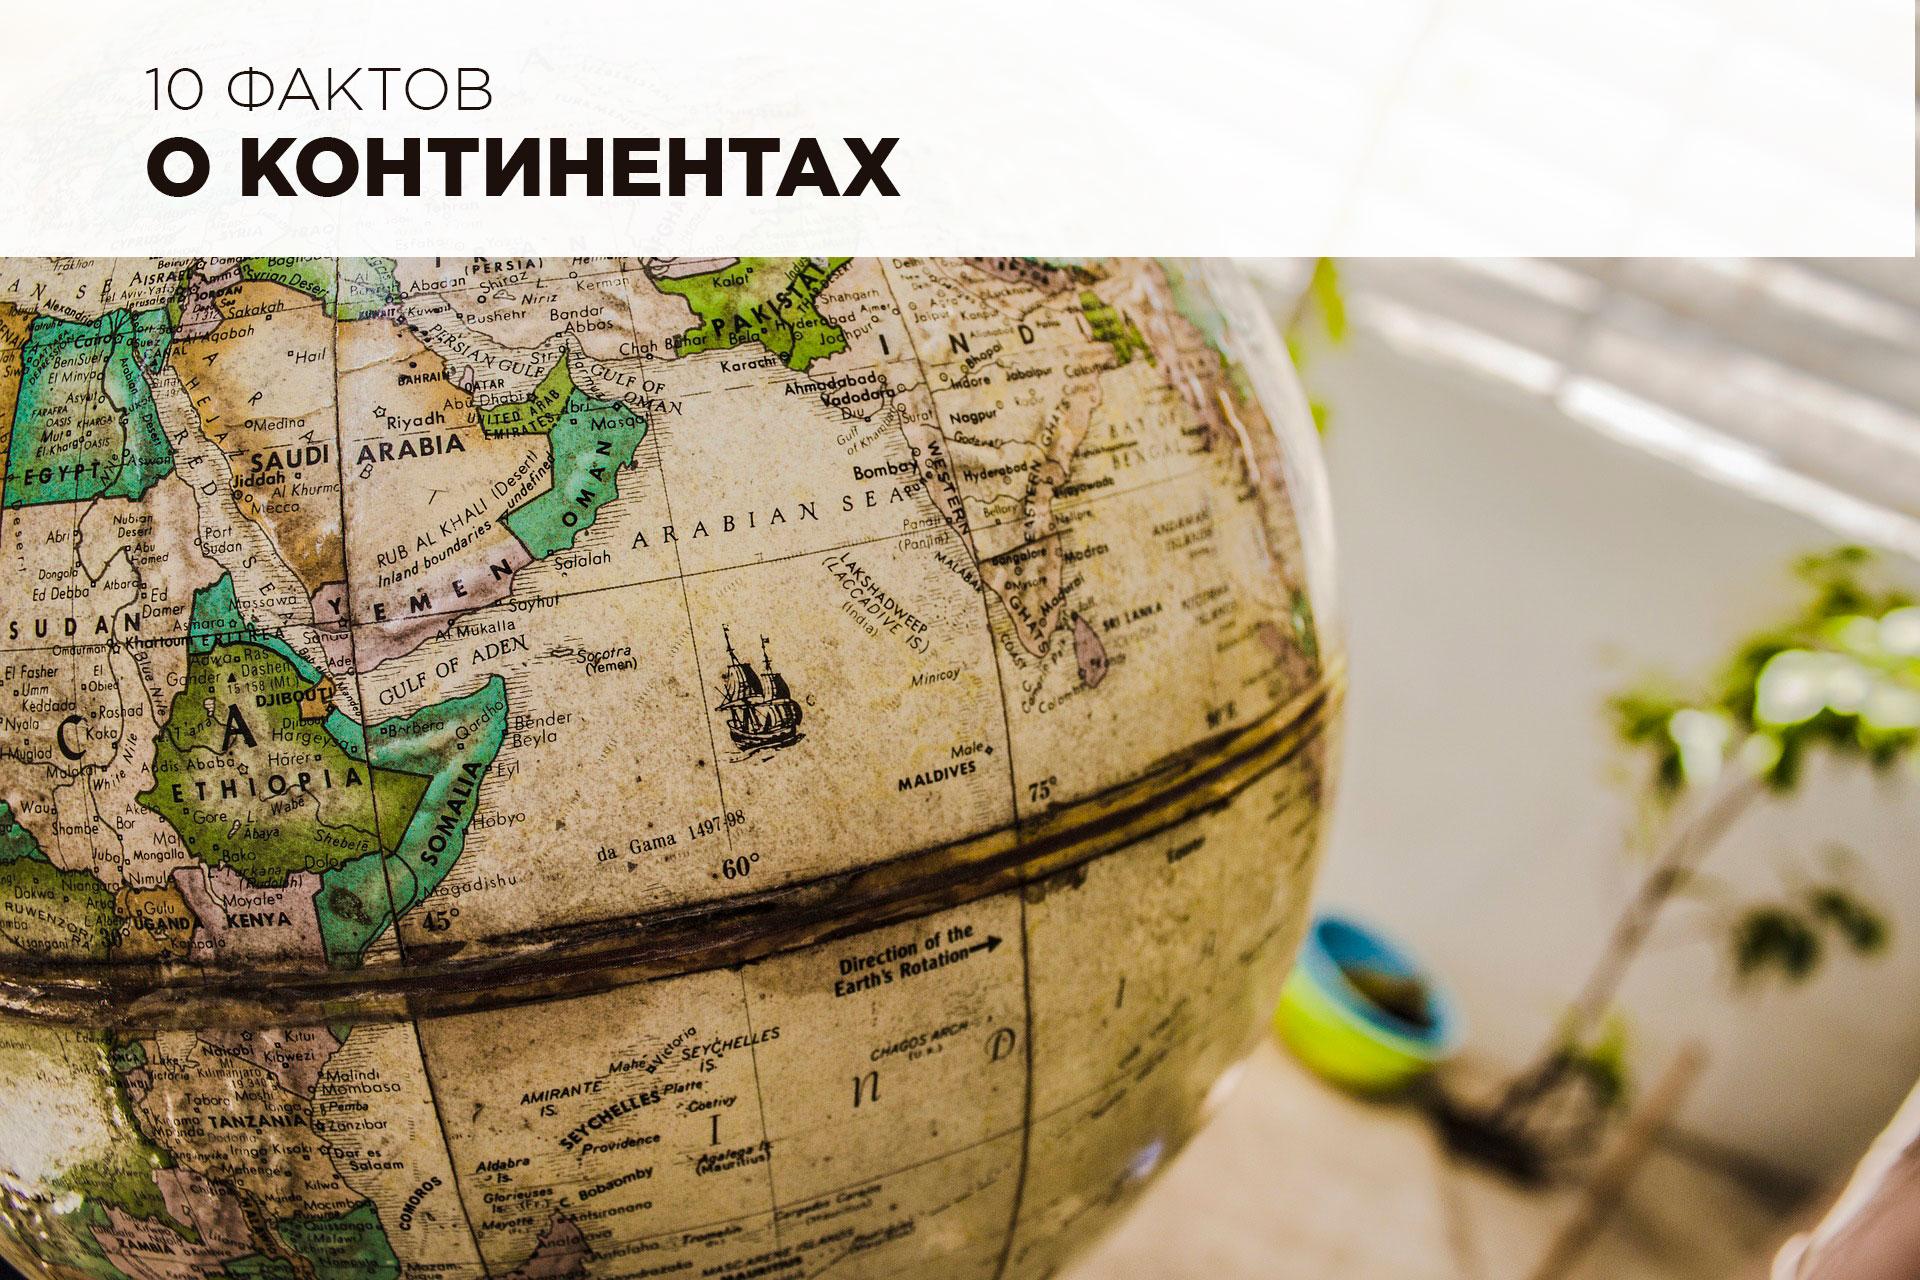 Интересных фактов о континентах, которые вас удивят